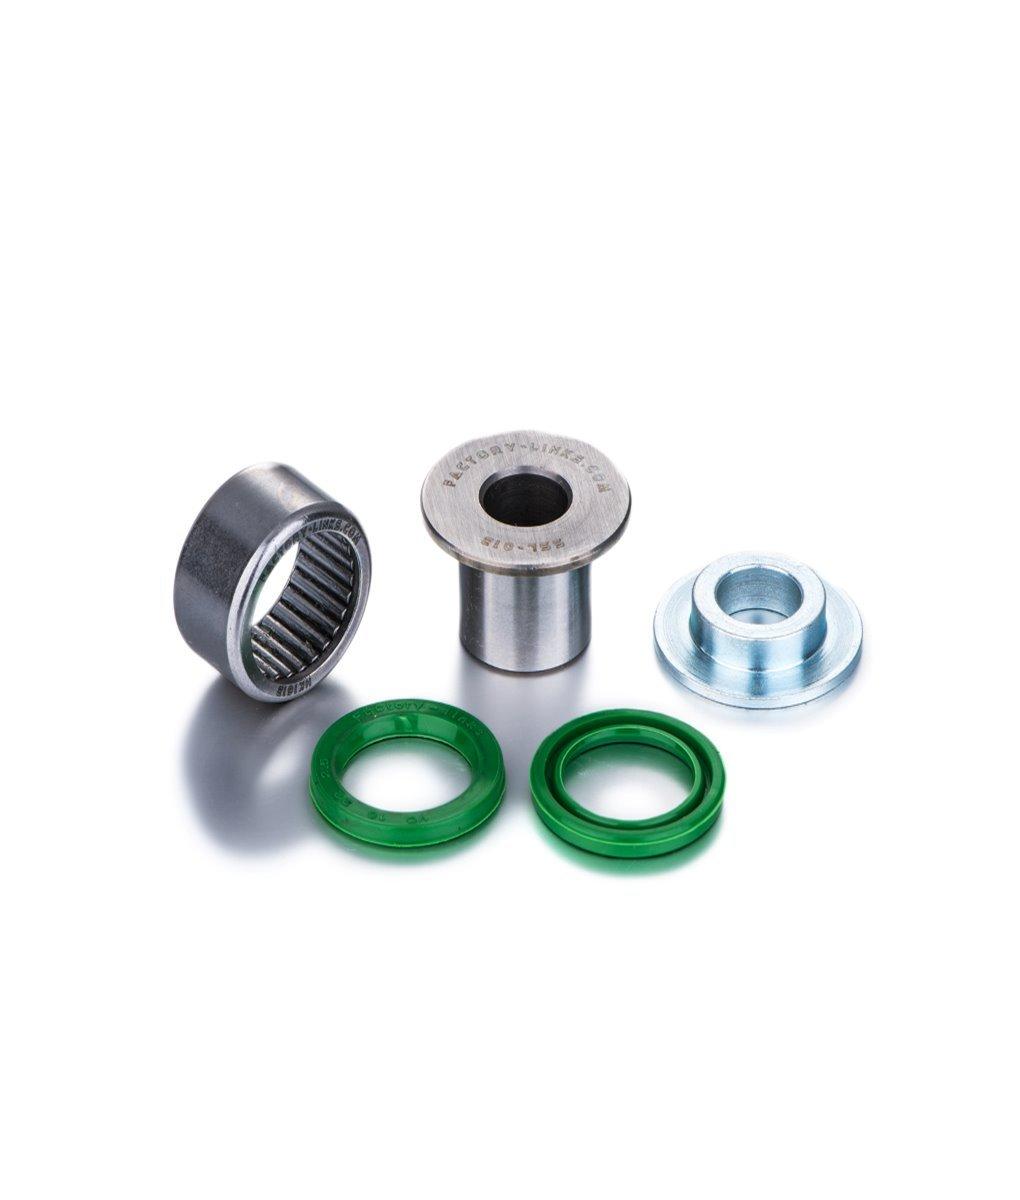 Lower Shock Absorber Bearing Kit - Kawasaki (1998-2015) - KX65, KX80, KX85, KX100, KX125, KX250, KX250F, KX450F, KLX450R - Suzuki (2003-2006) - RM65, RM100, RMZ250 Factory-Links